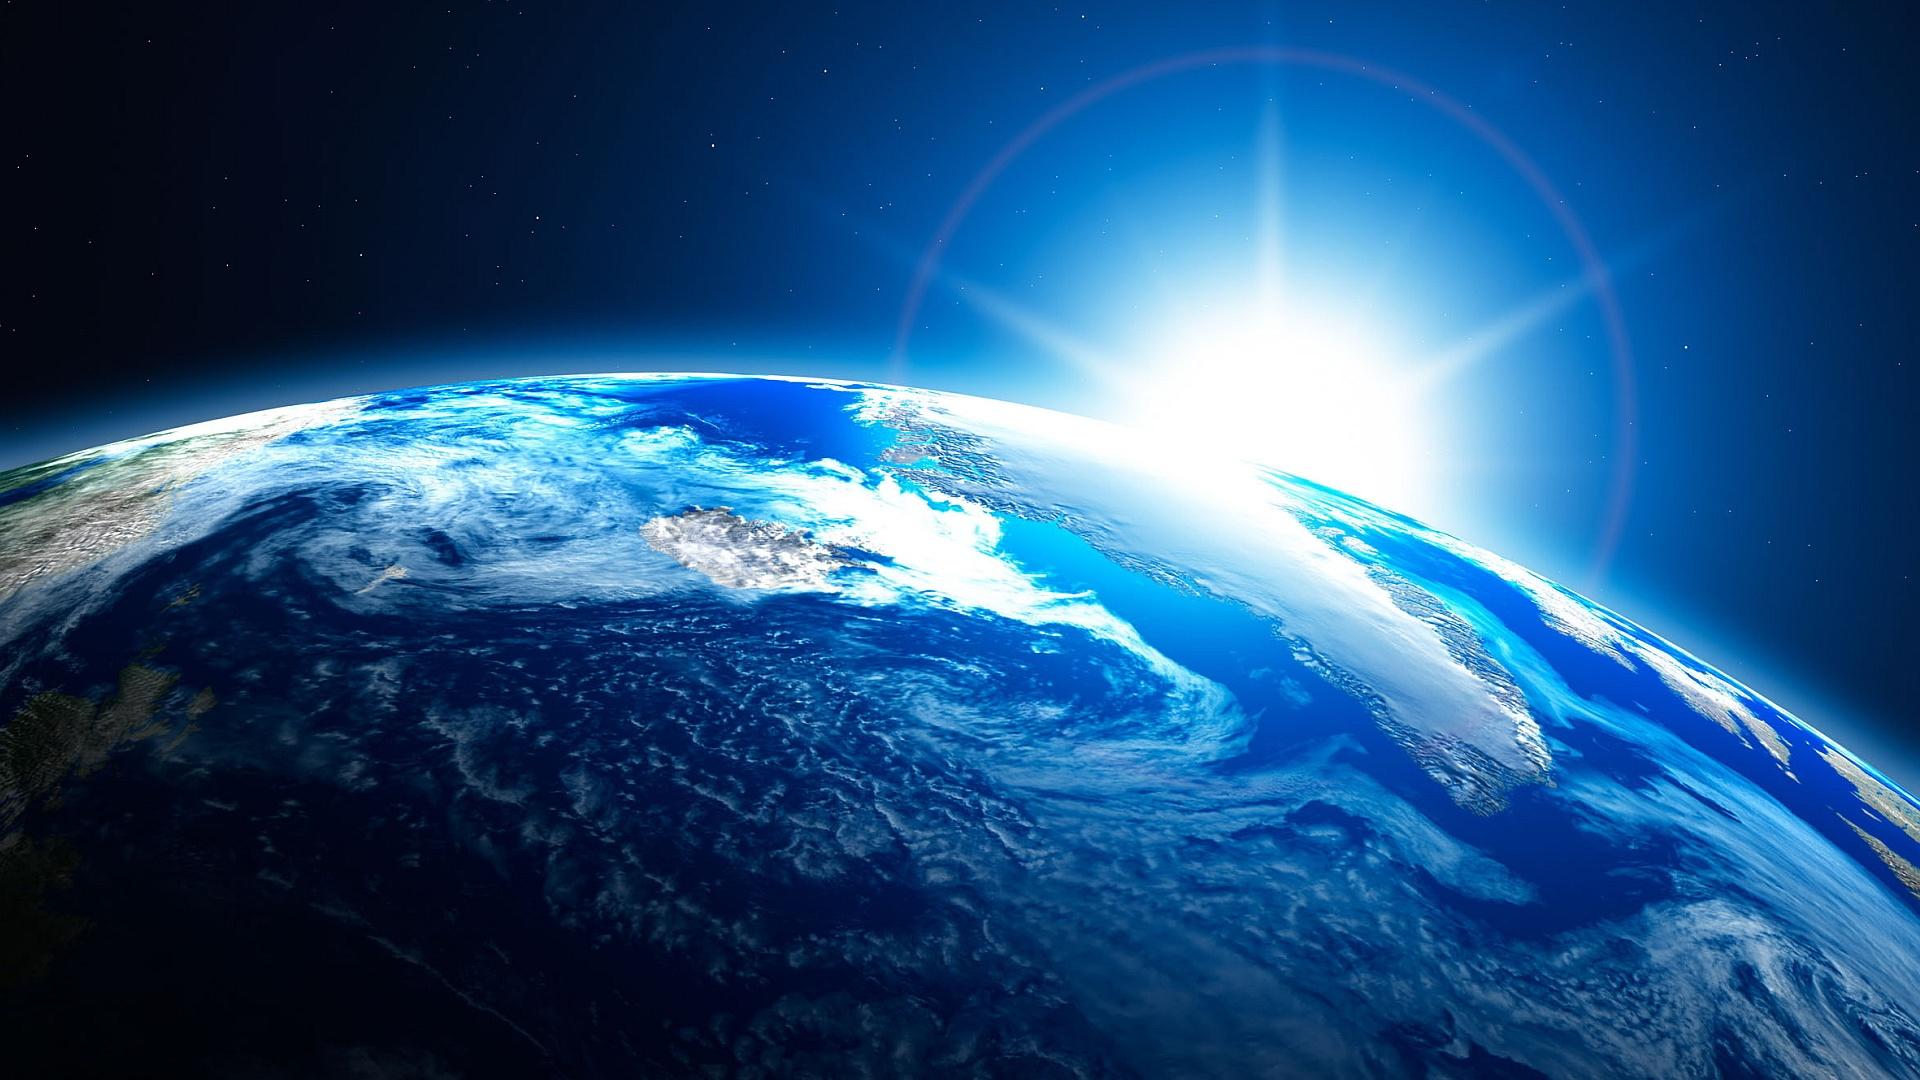 Fotos de satelites orbitando la tierra 15